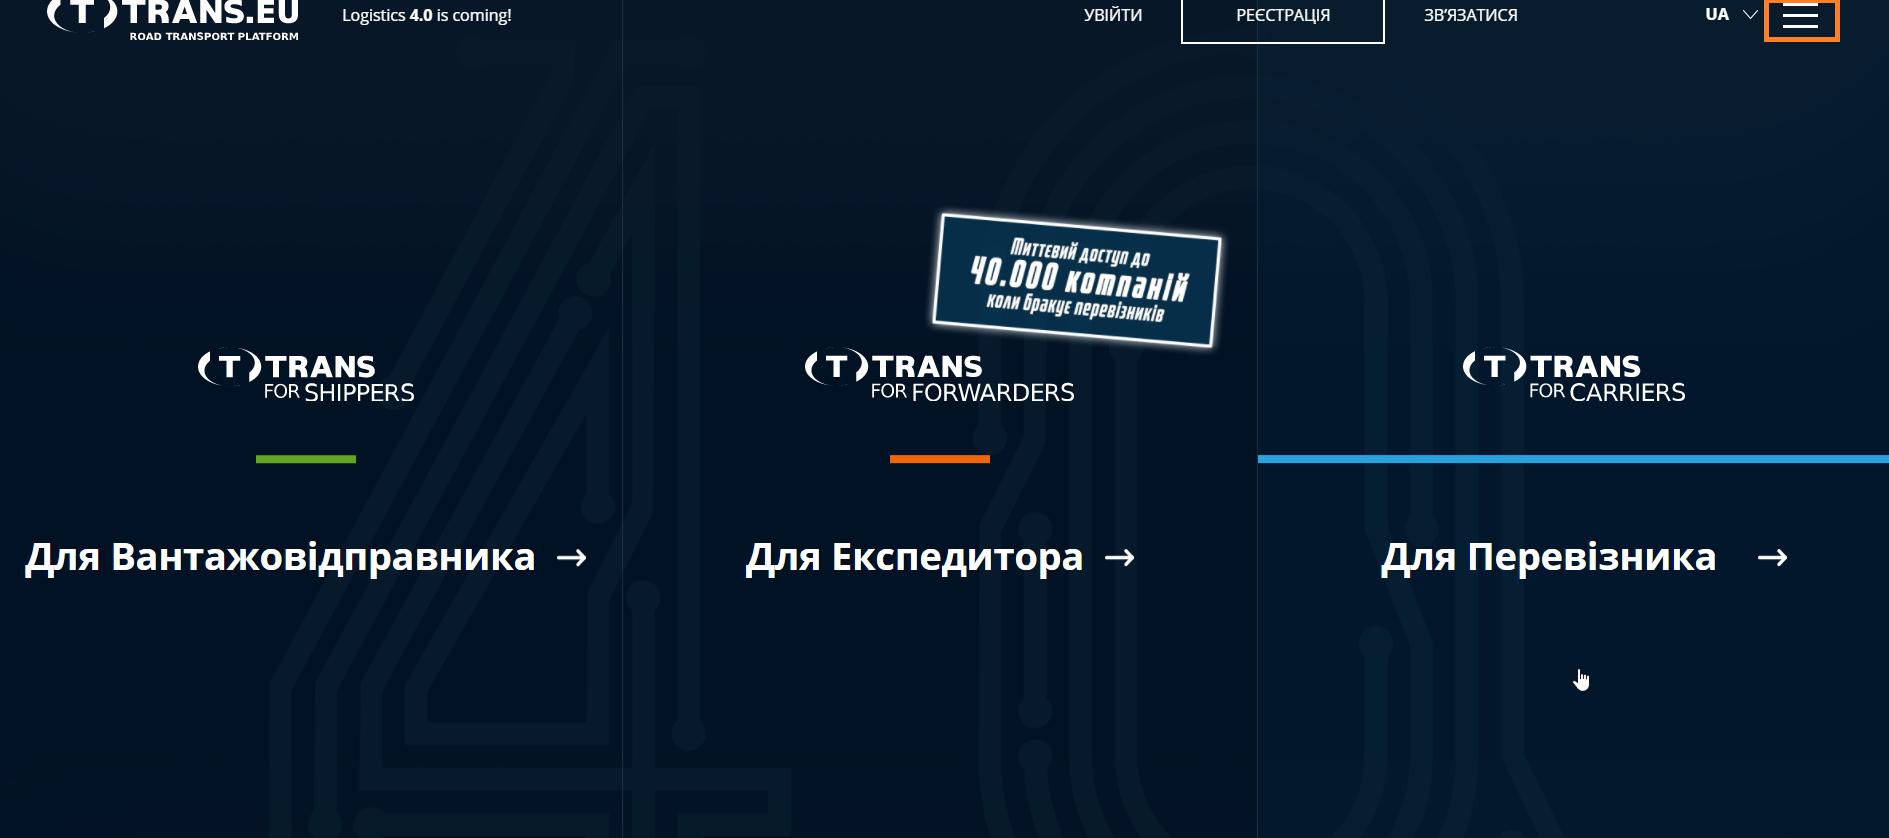 додавання працівника через Trans.eu